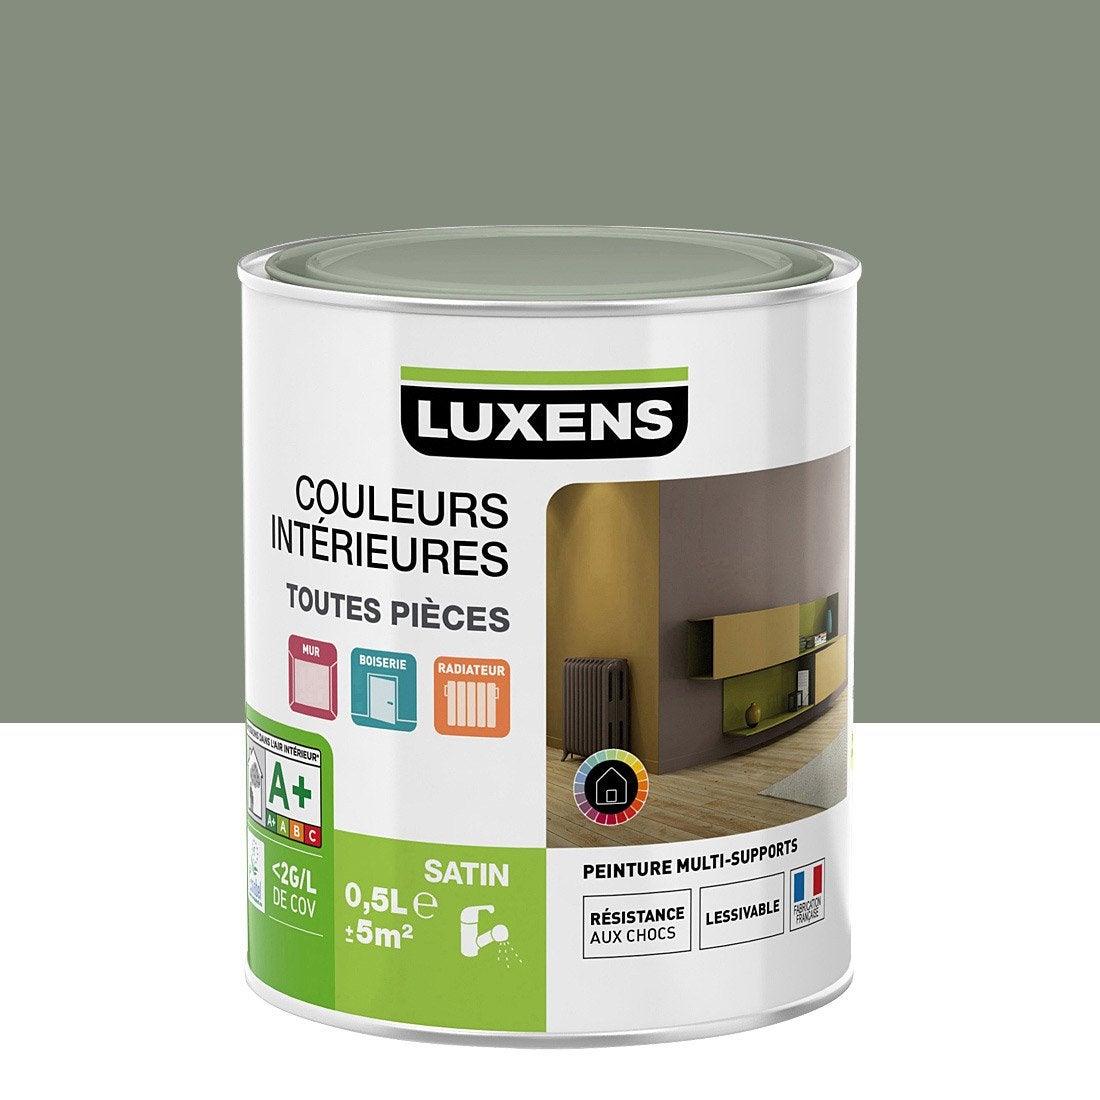 Peinture gris smoke 4 luxens couleurs int rieures satin 0 5 l leroy merlin - Vert de gris peinture ...